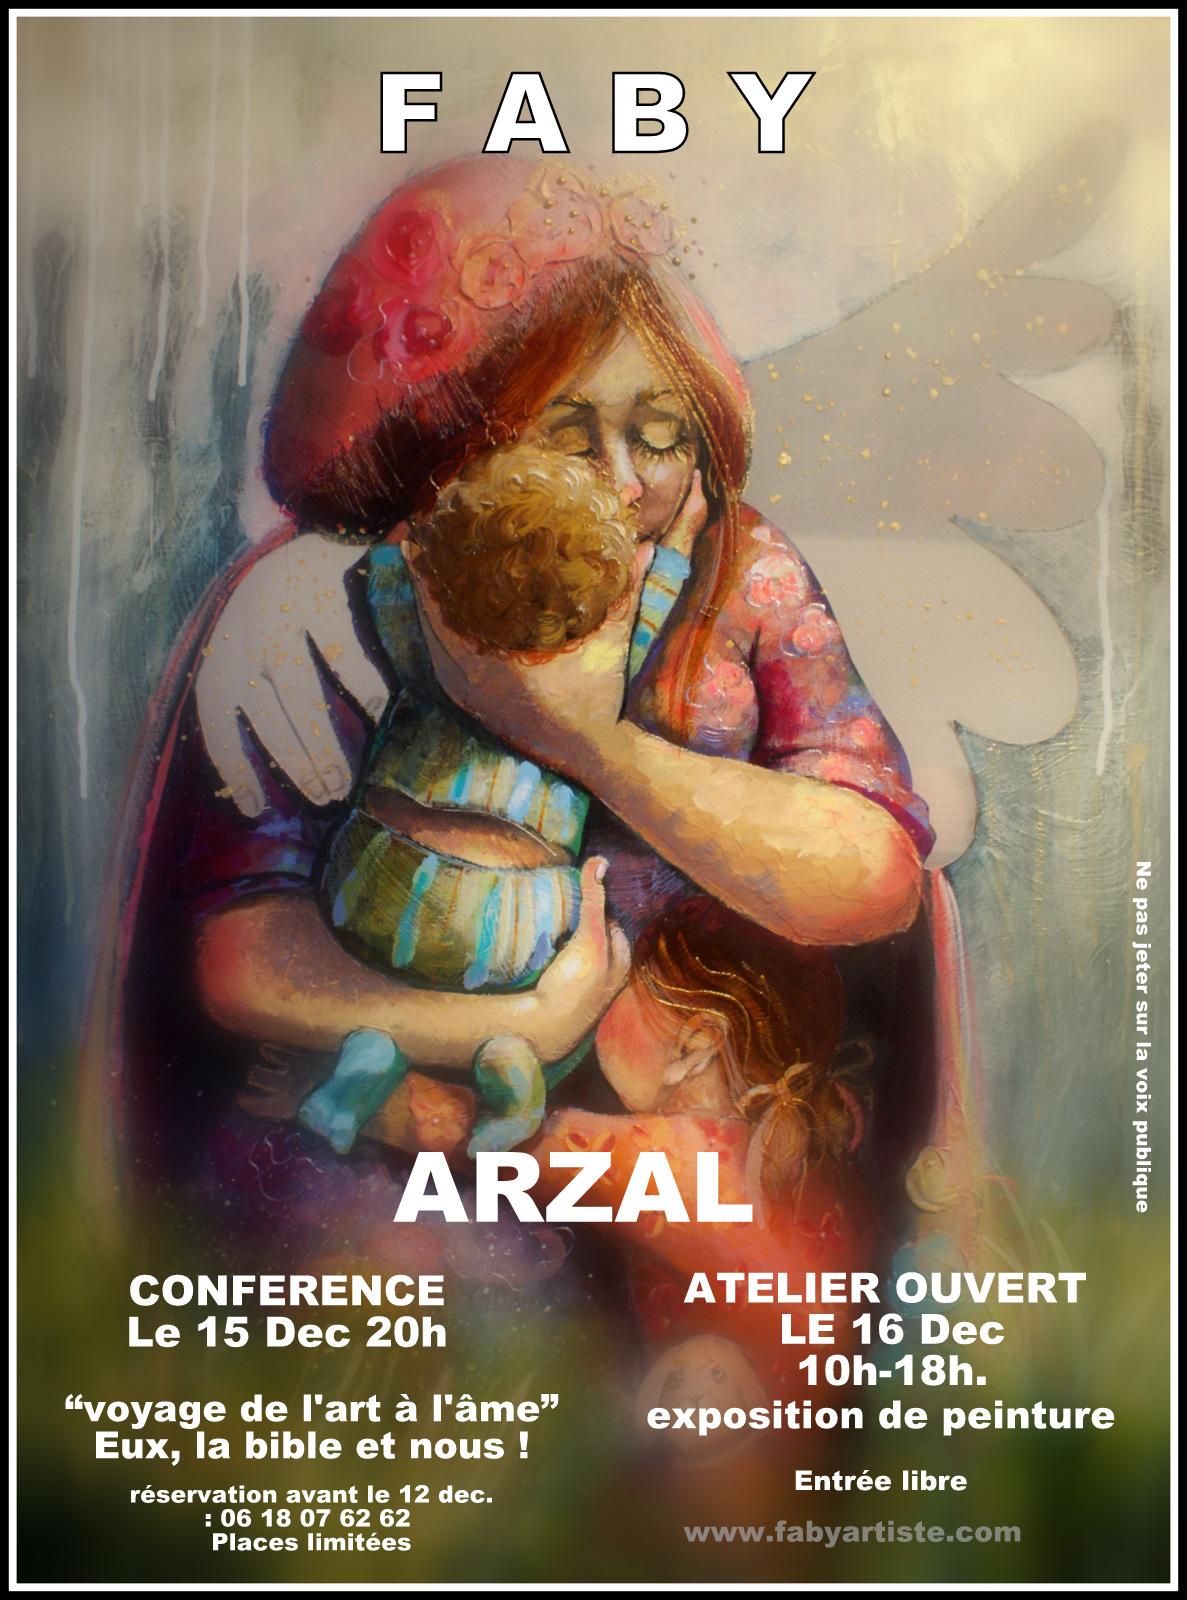 Les 15 et 16 Décembre à ARZAL